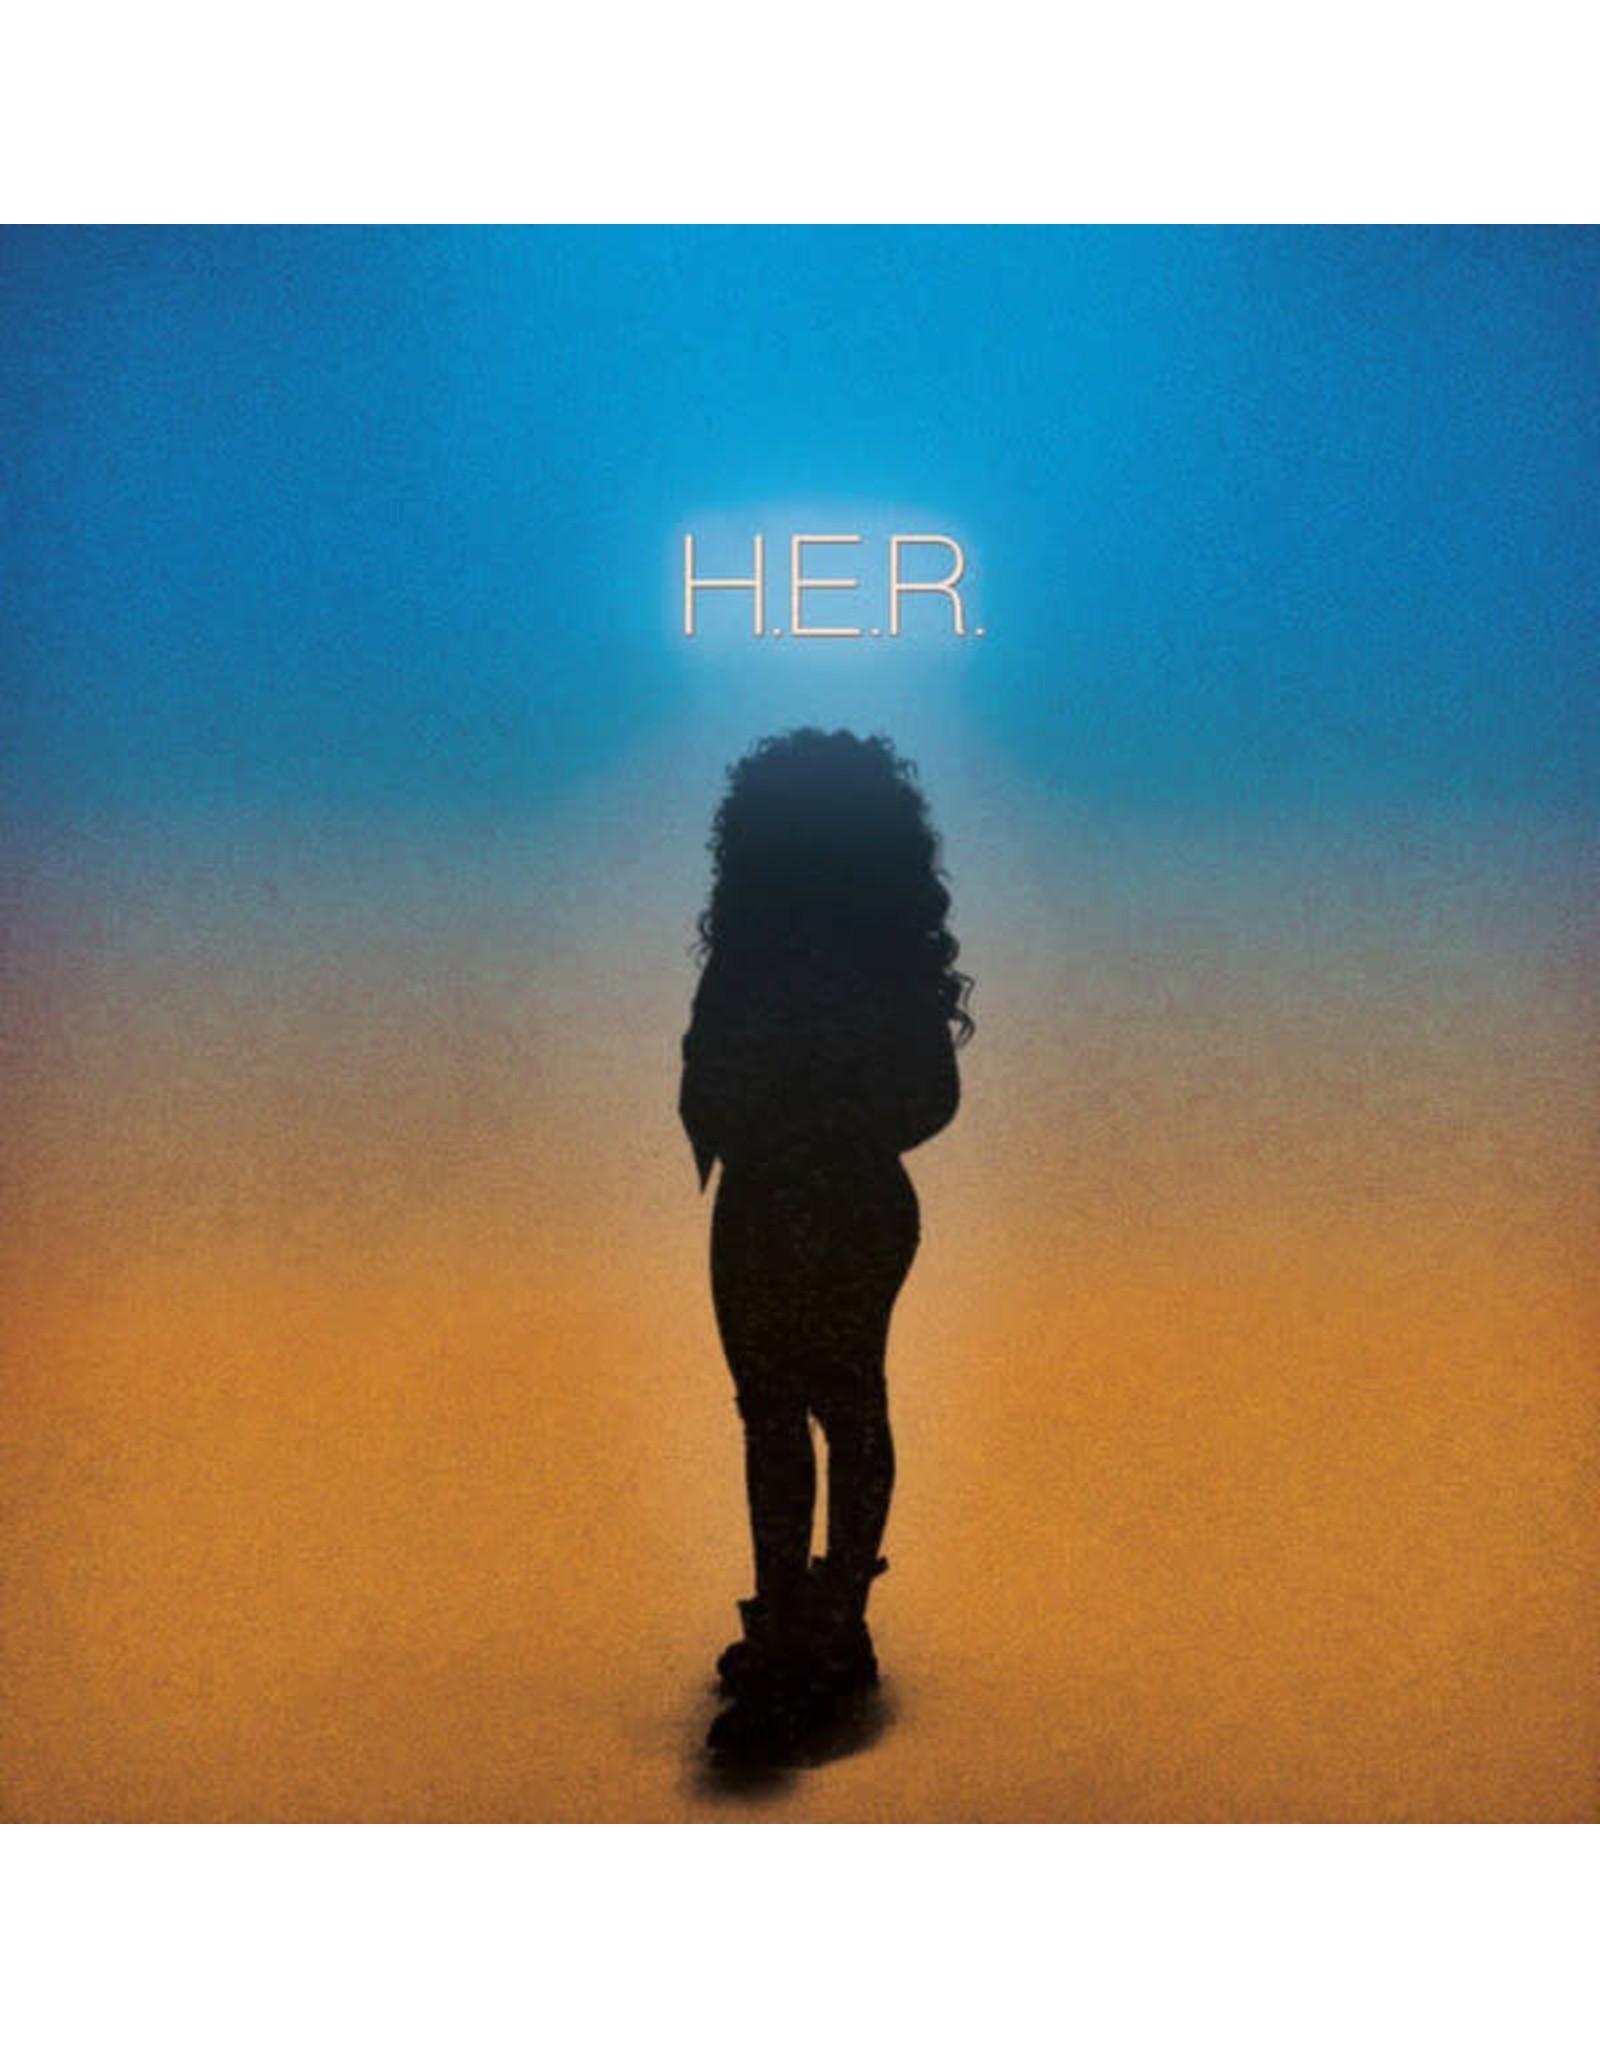 H.E.R. - H.E.R. (Deluxe)